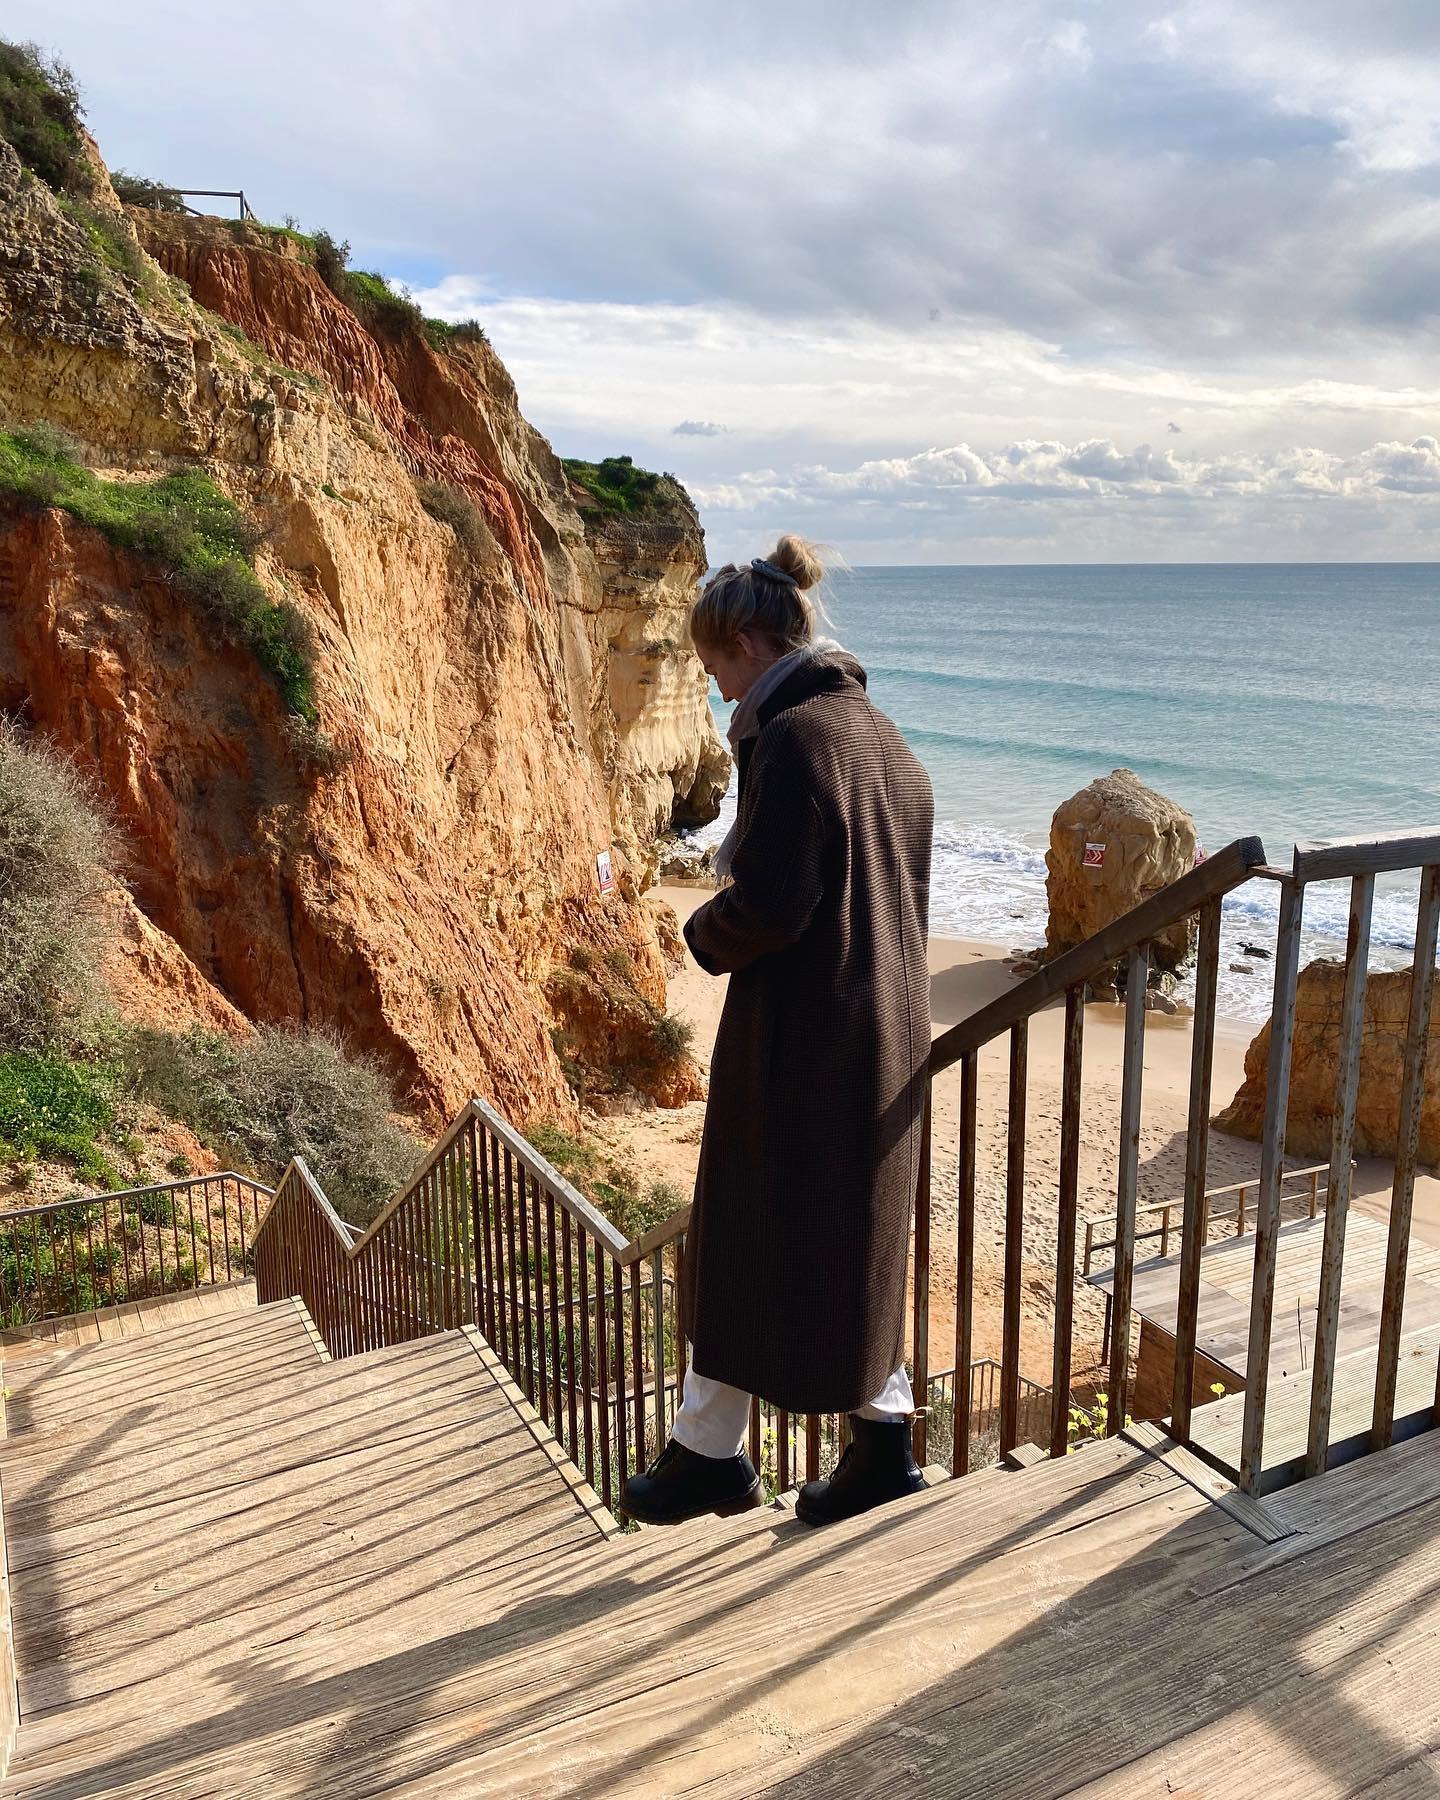 Mit Schal und dickem Mantel am Strand. Der Wind aus Spanien bringt die Kälte…